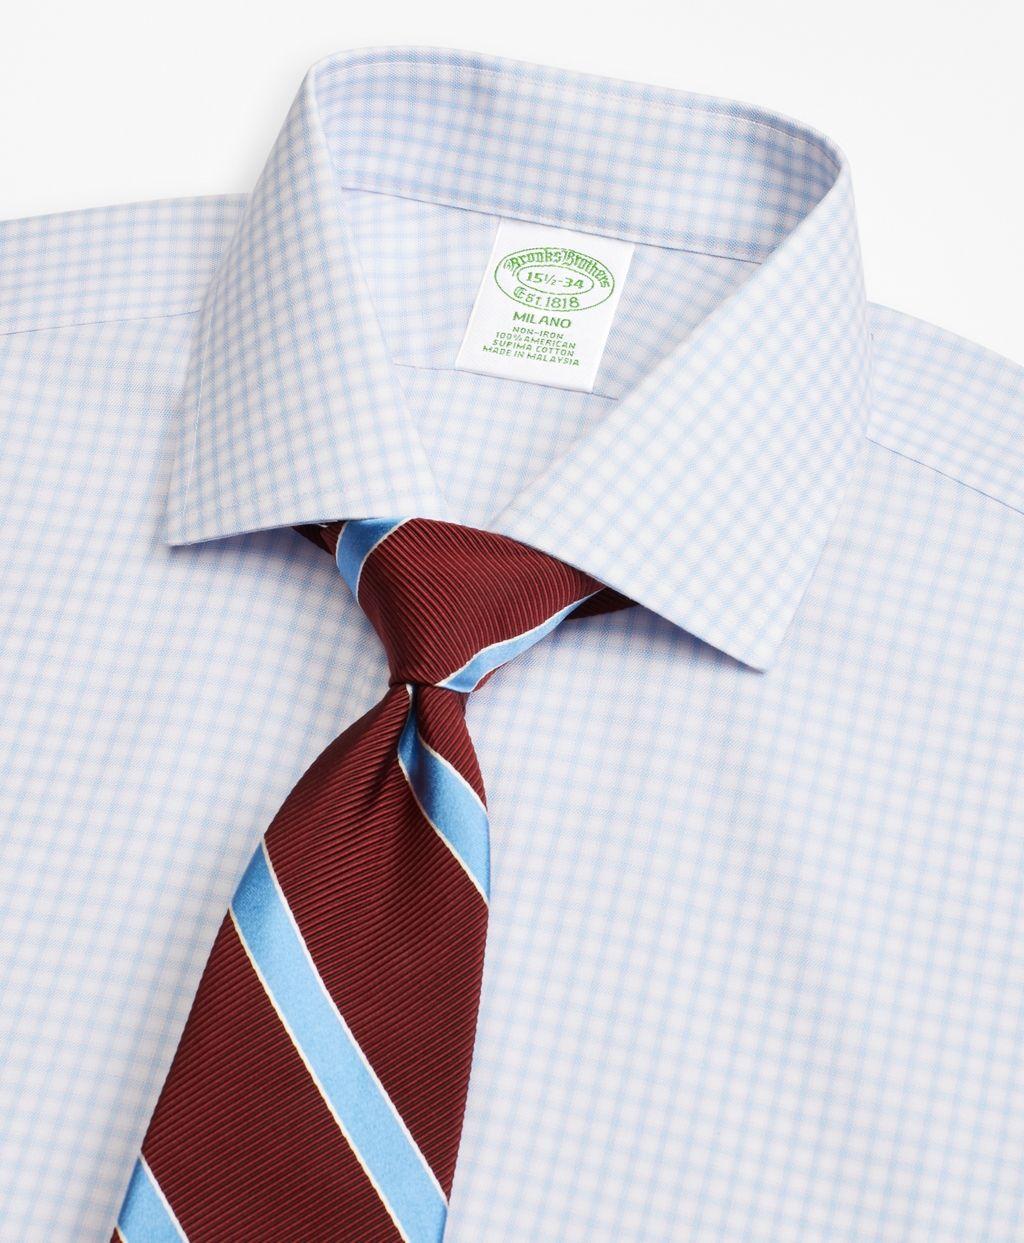 23+ Best non iron dress shirt ideas in 2021